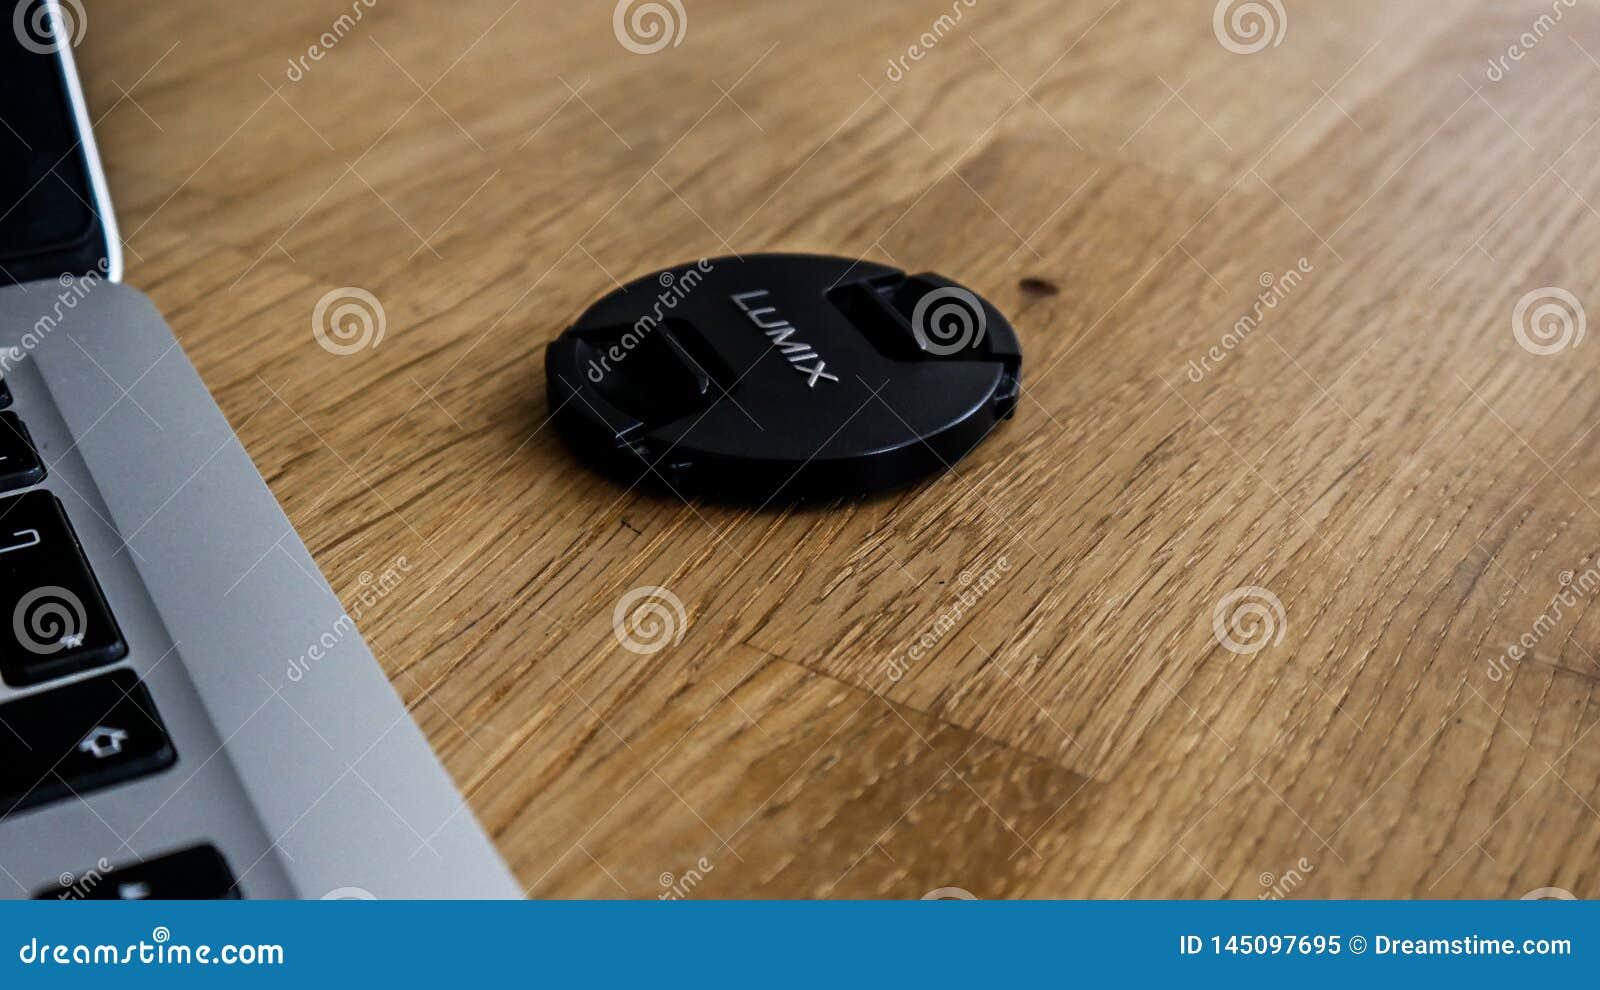 A panasonic lumix lens cap next to a macbook